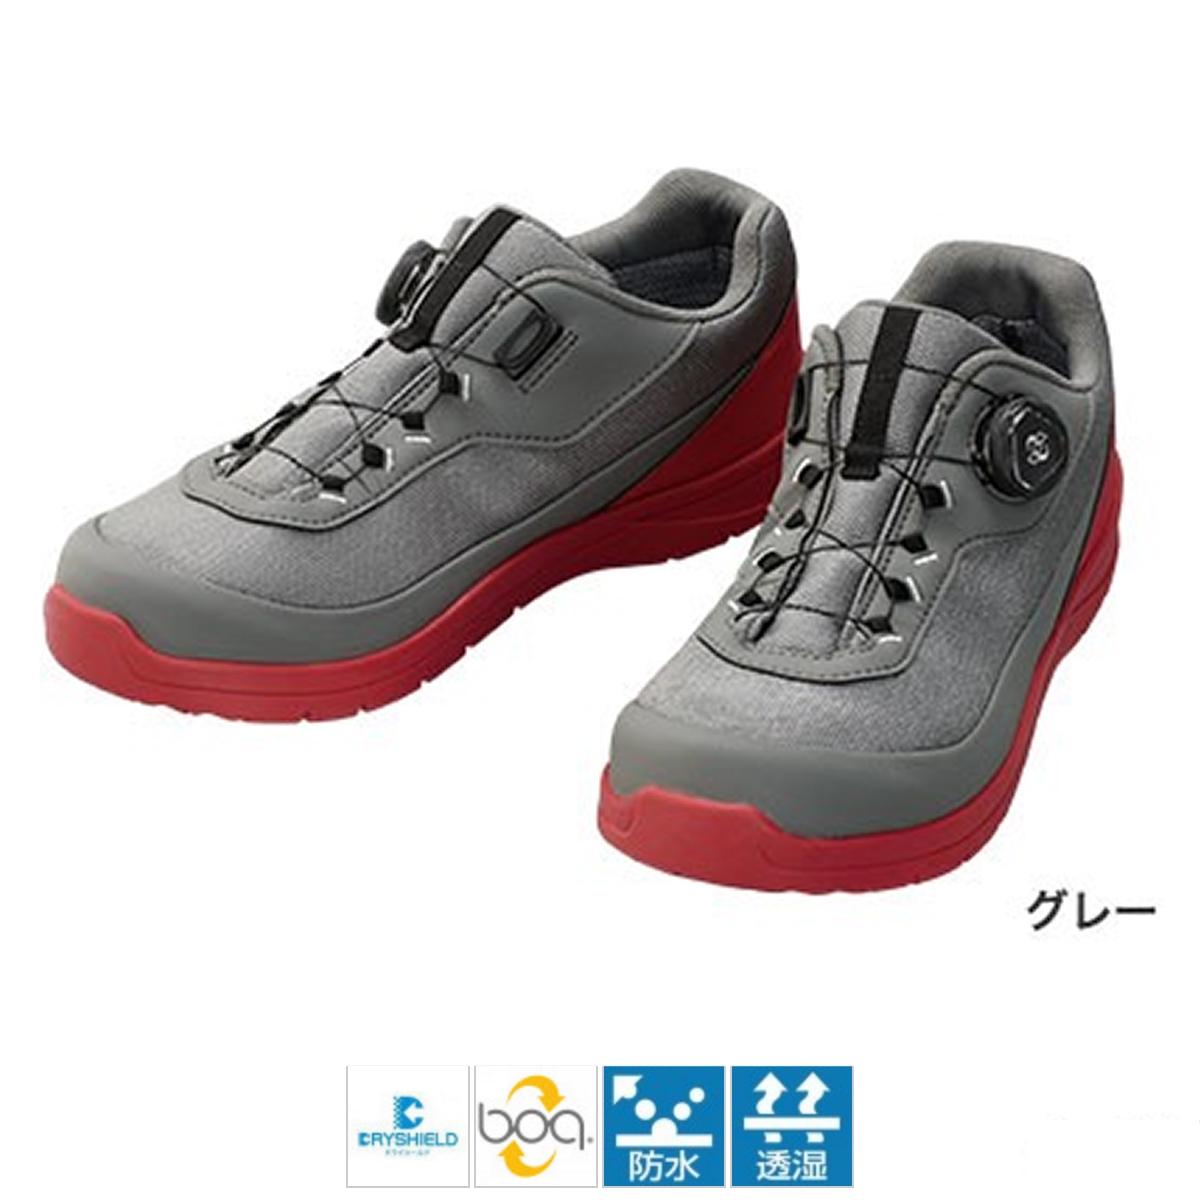 シマノ ドライシールド デッキラジアルフィットシューズ LW FS-081Q 25cm グレー(東日本店)